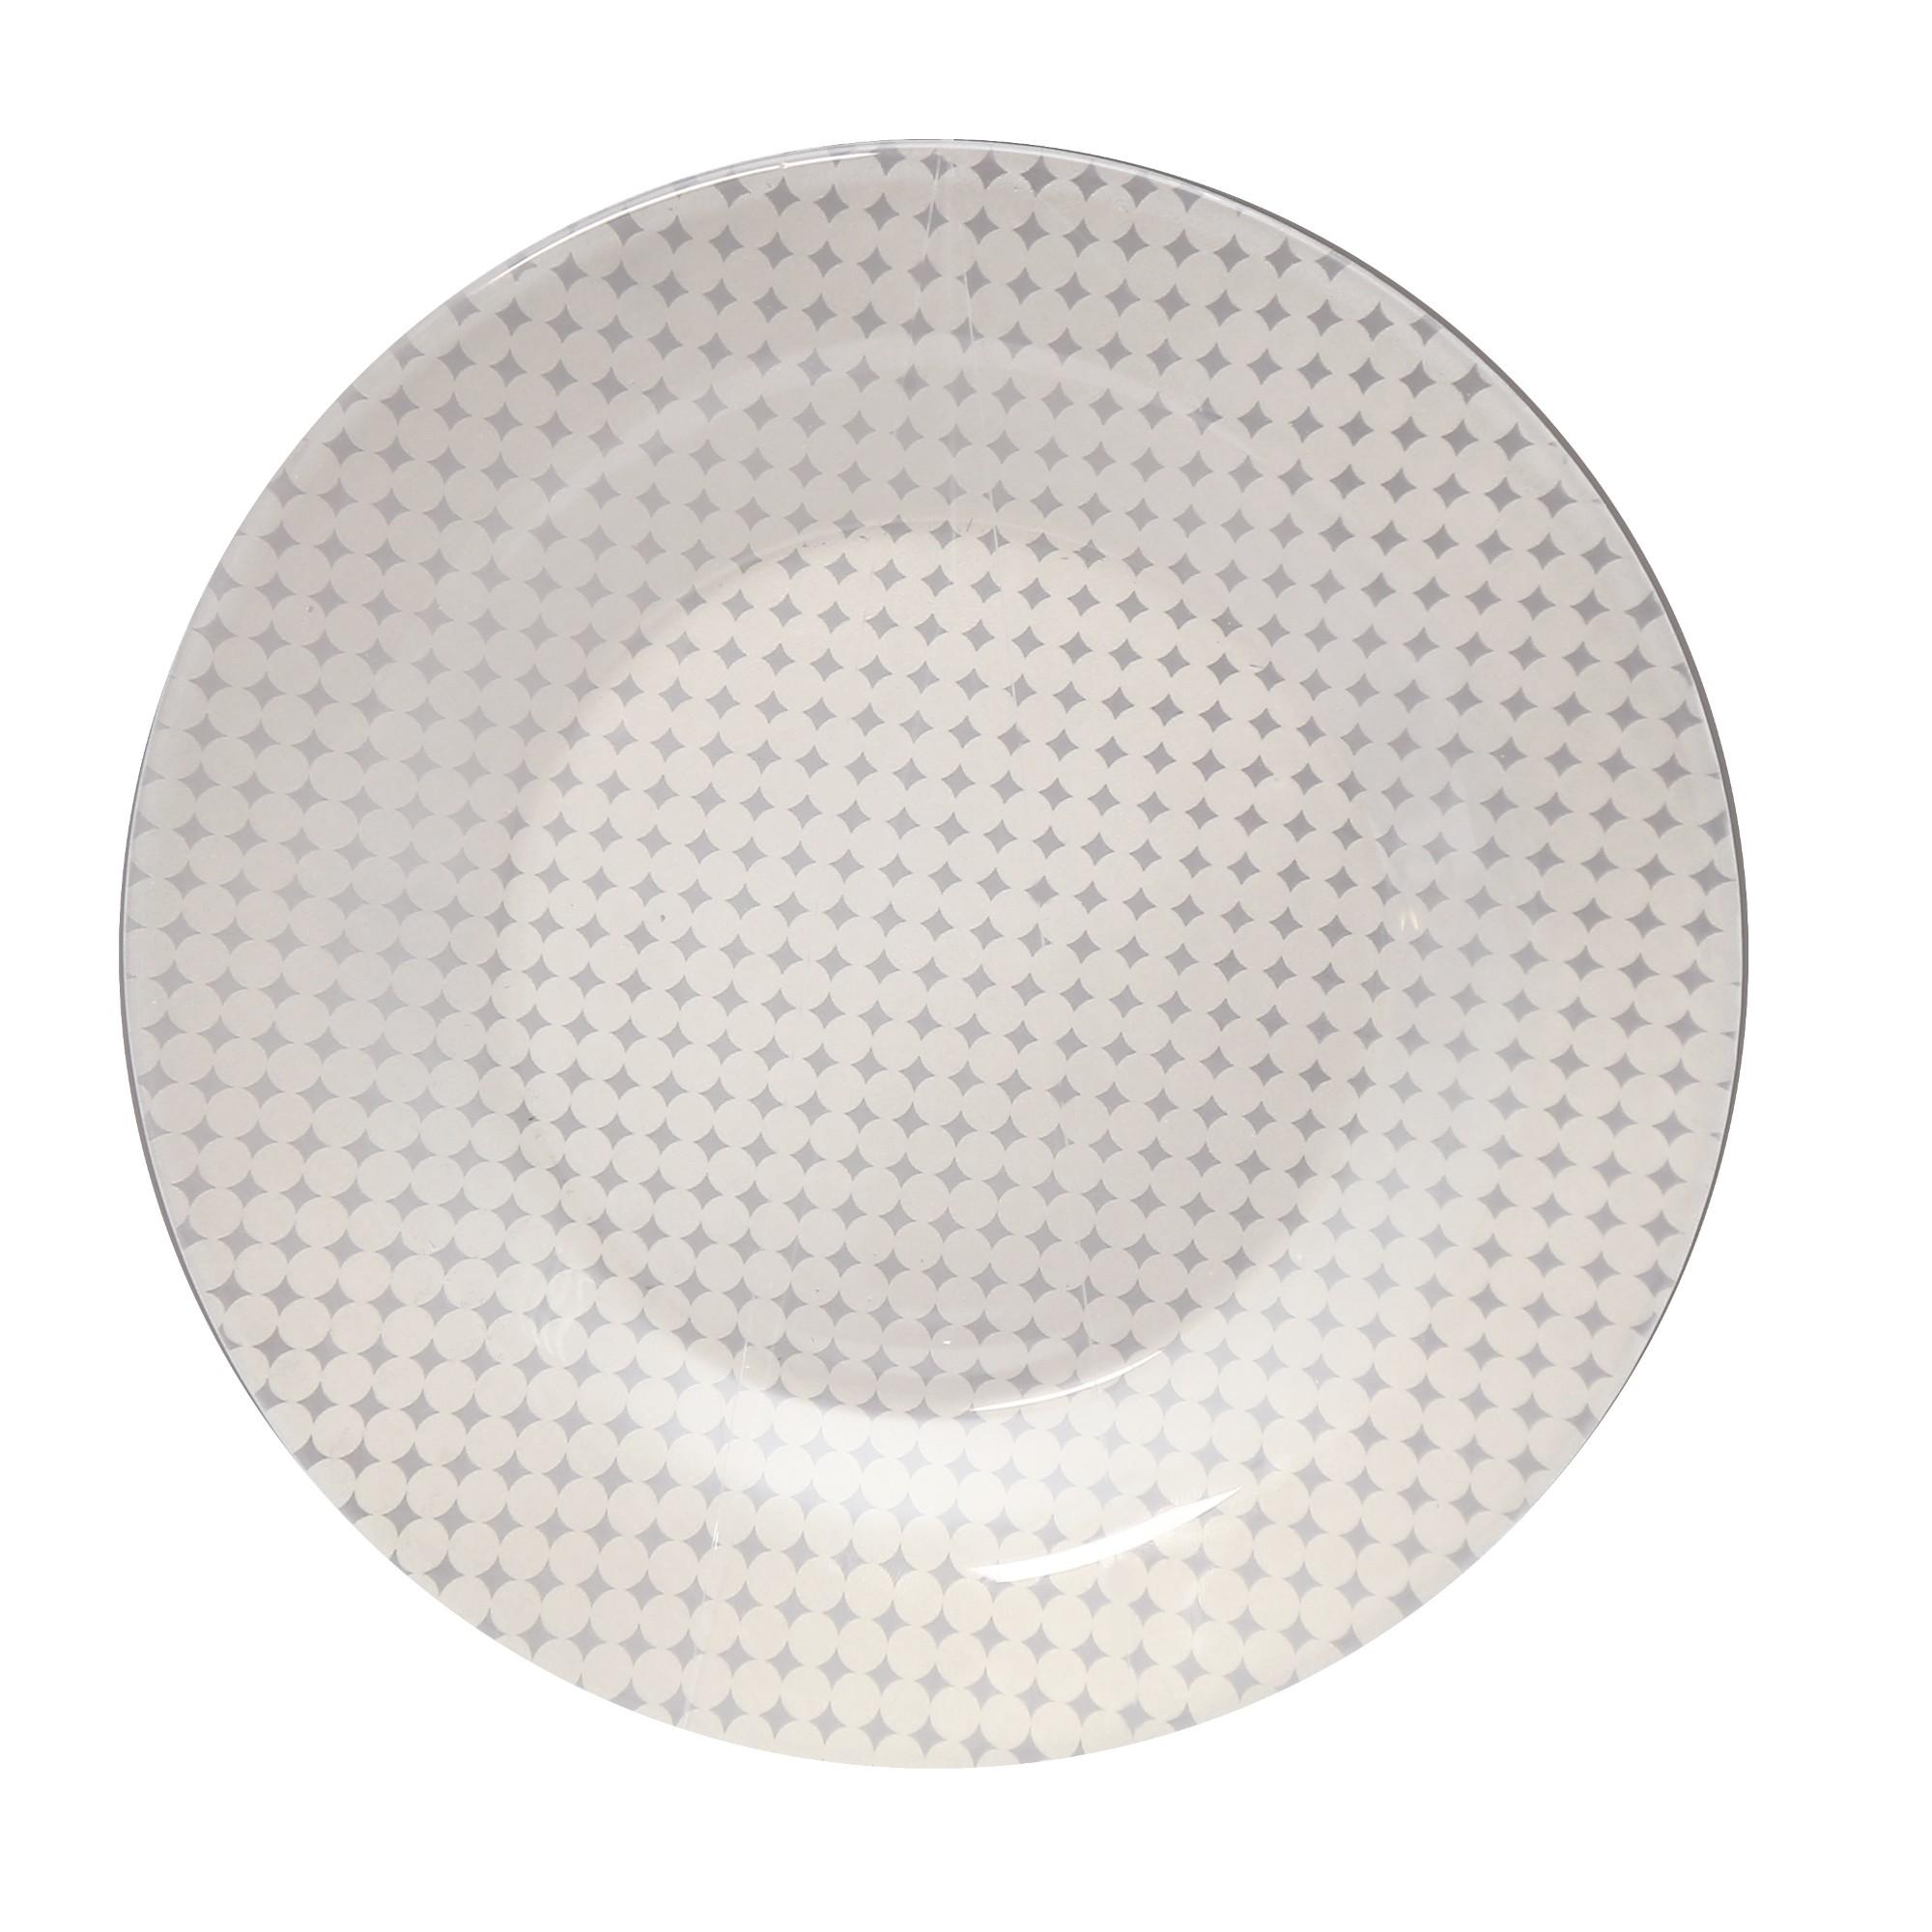 Prato de Sobremesa em Vidro Bege 19cm -